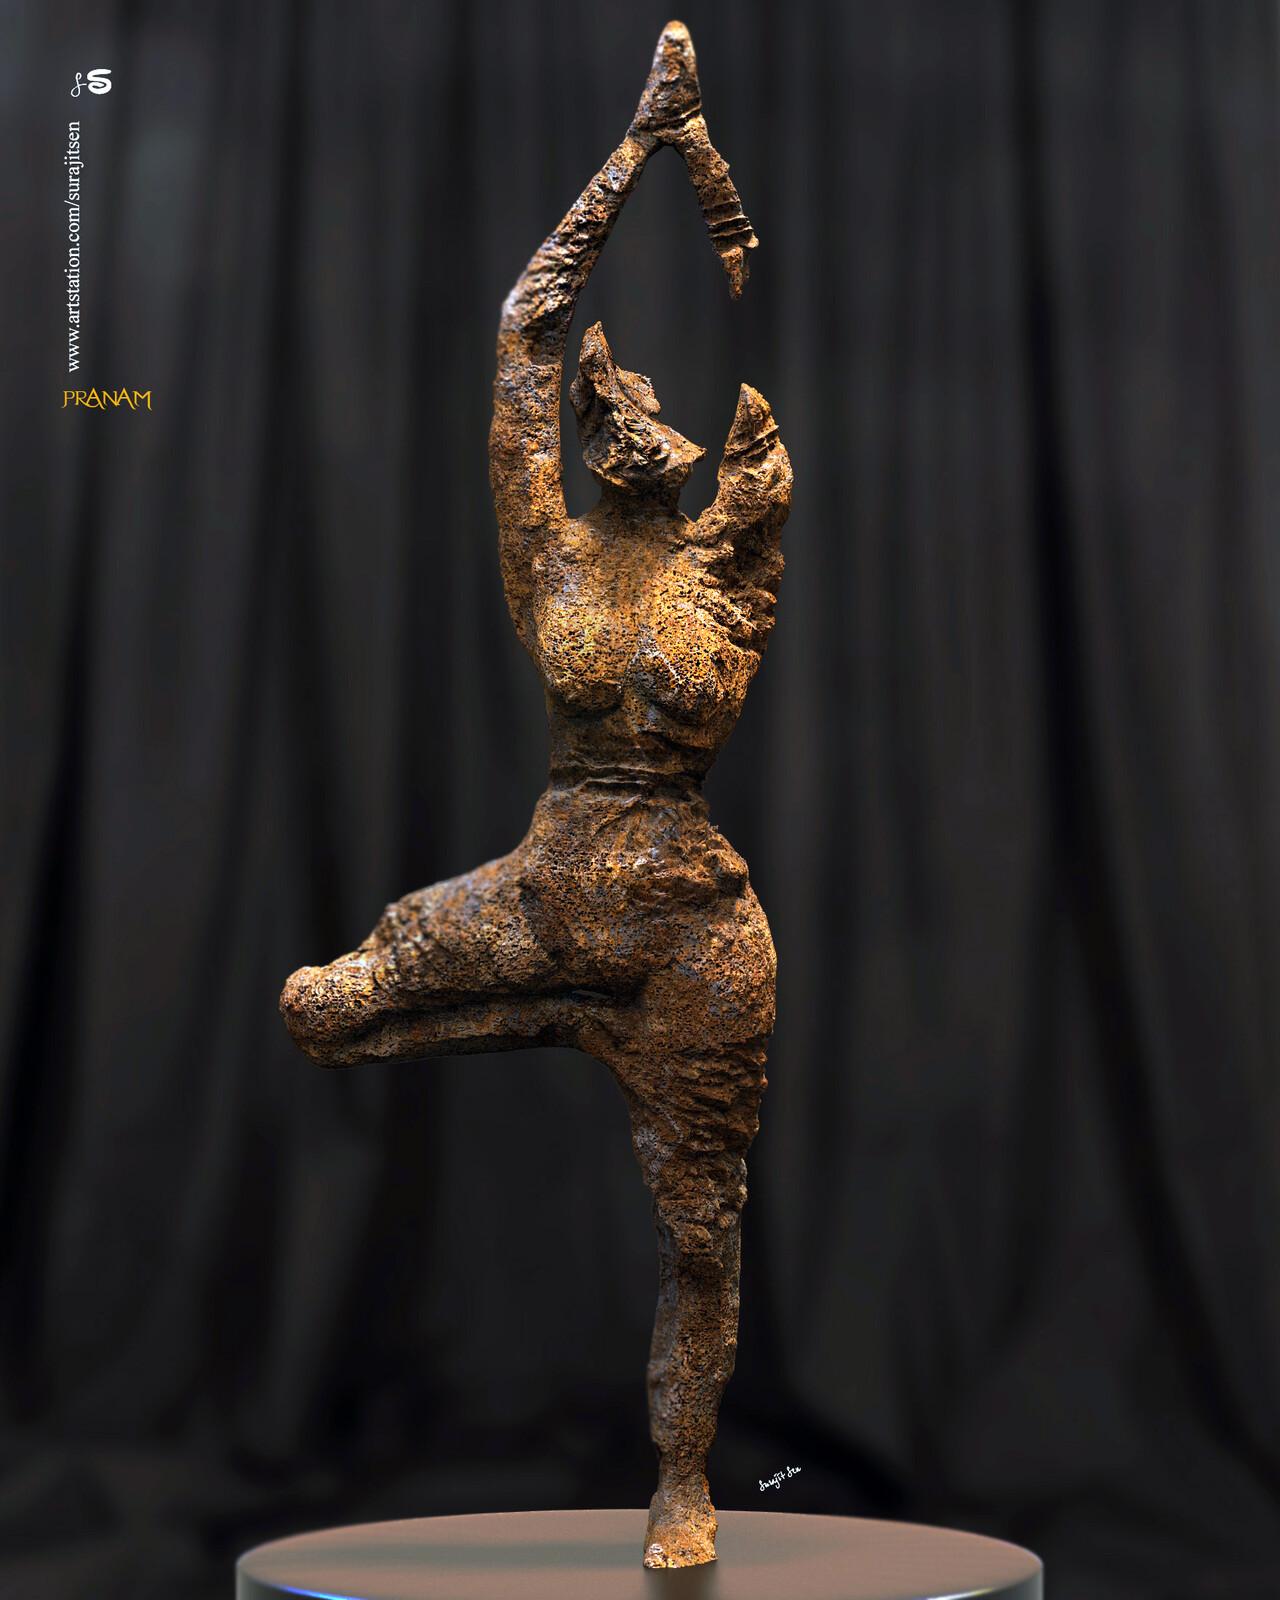 Weekend Sculpture. Pranam Wish to share.